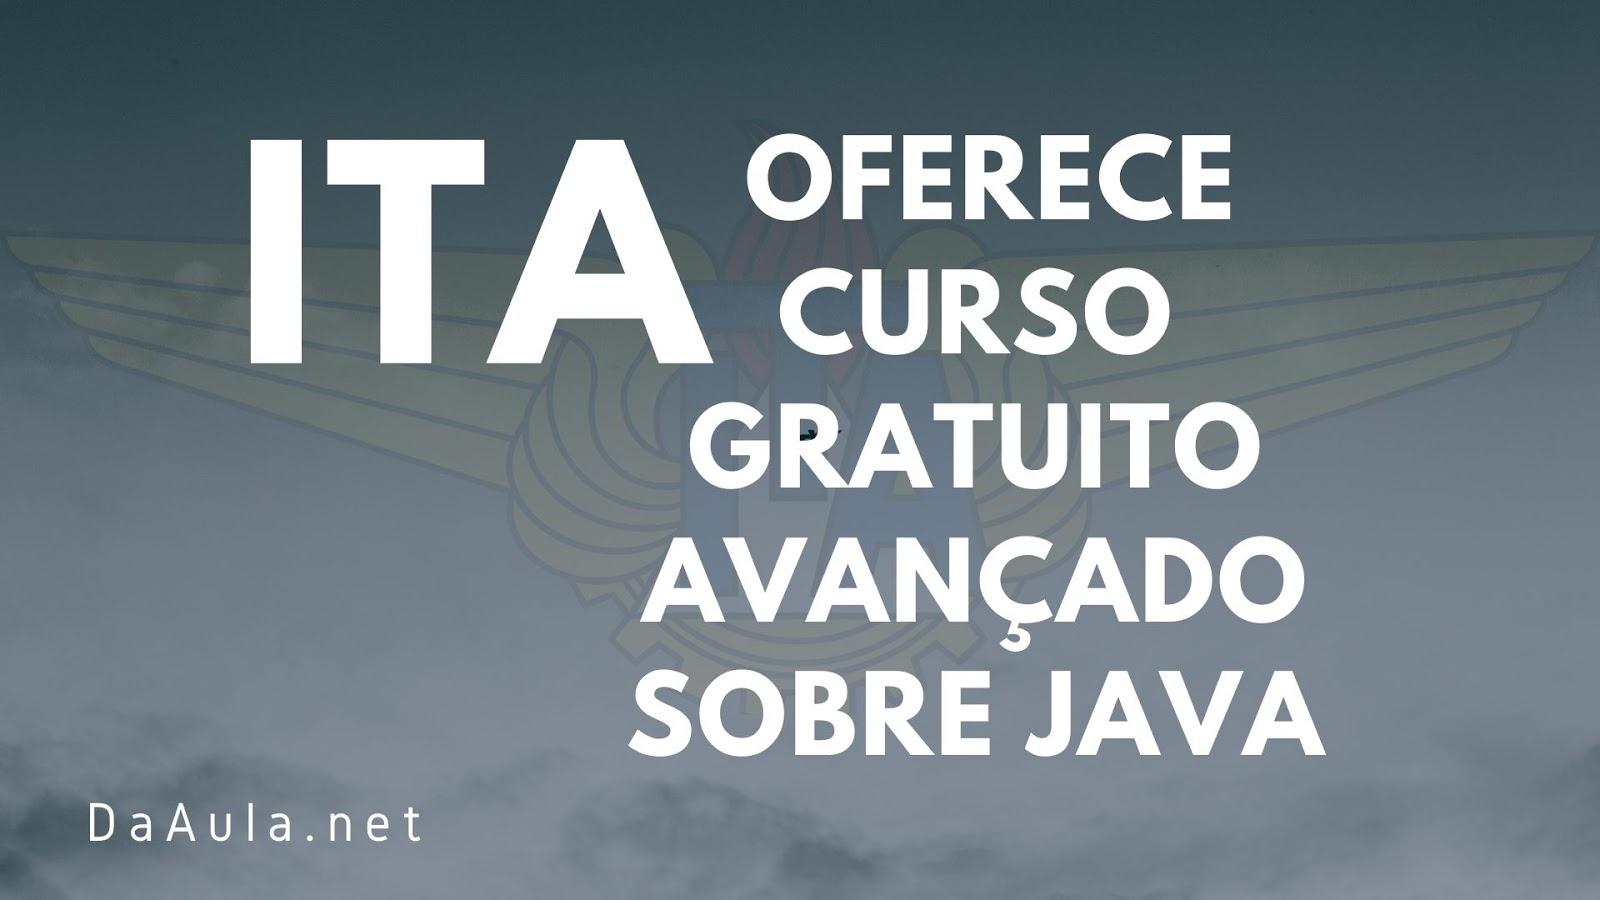 ITA Oferece Curso Gratuito Avançado Sobre Java